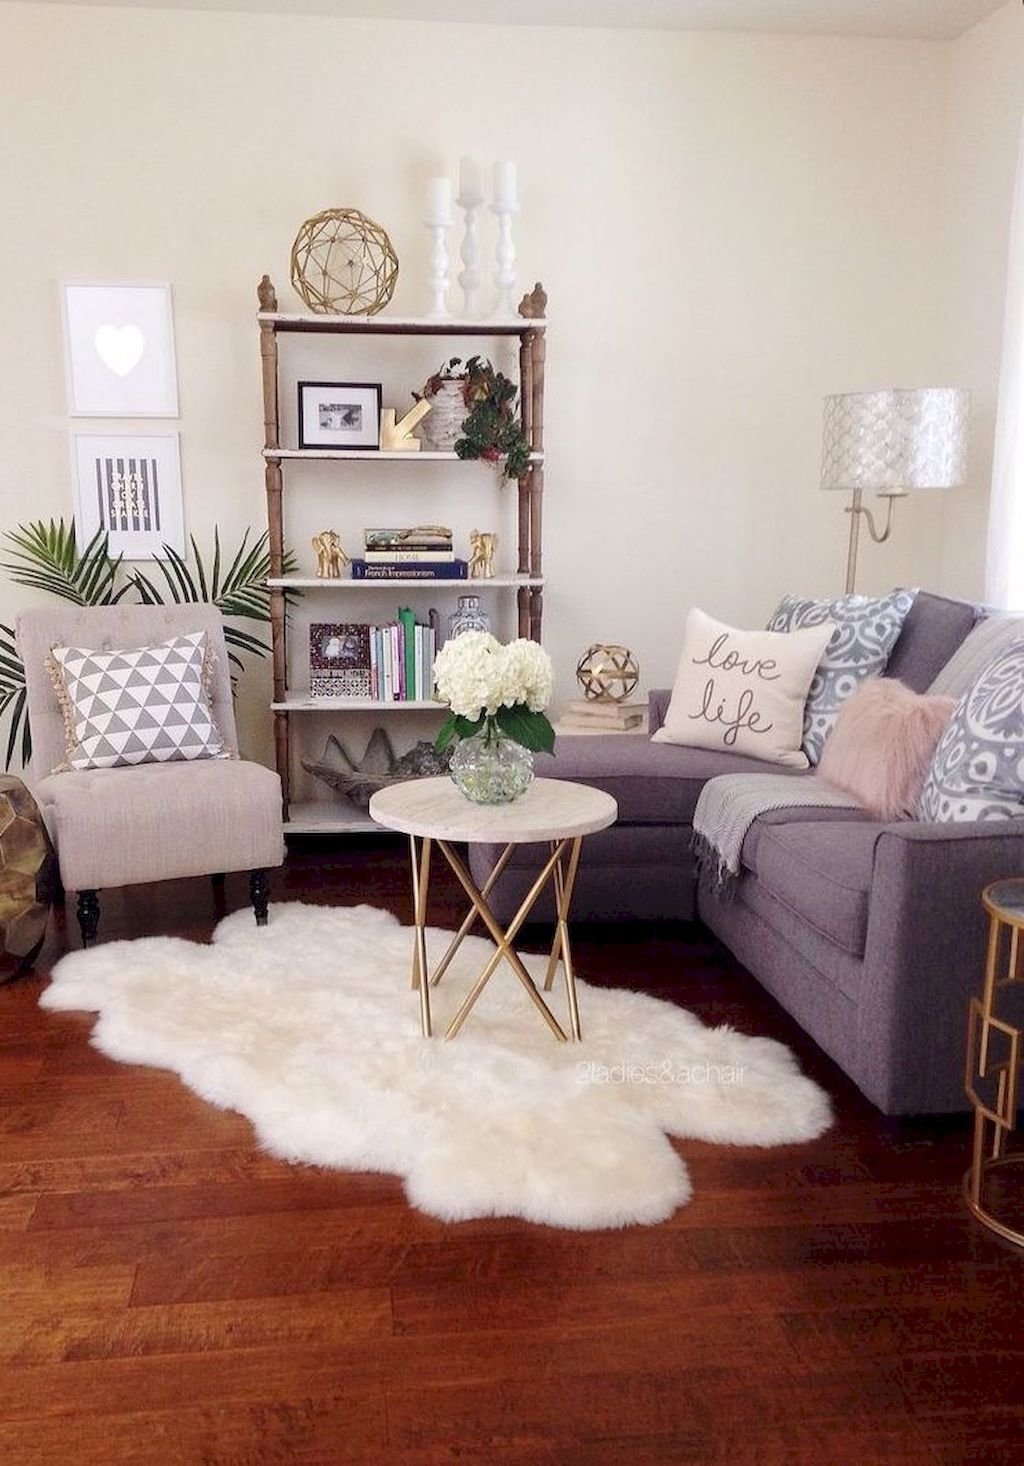 10 Amazing Apartment Living Room Decorating Ideas 60 small apartment living room decorating ideas 2020